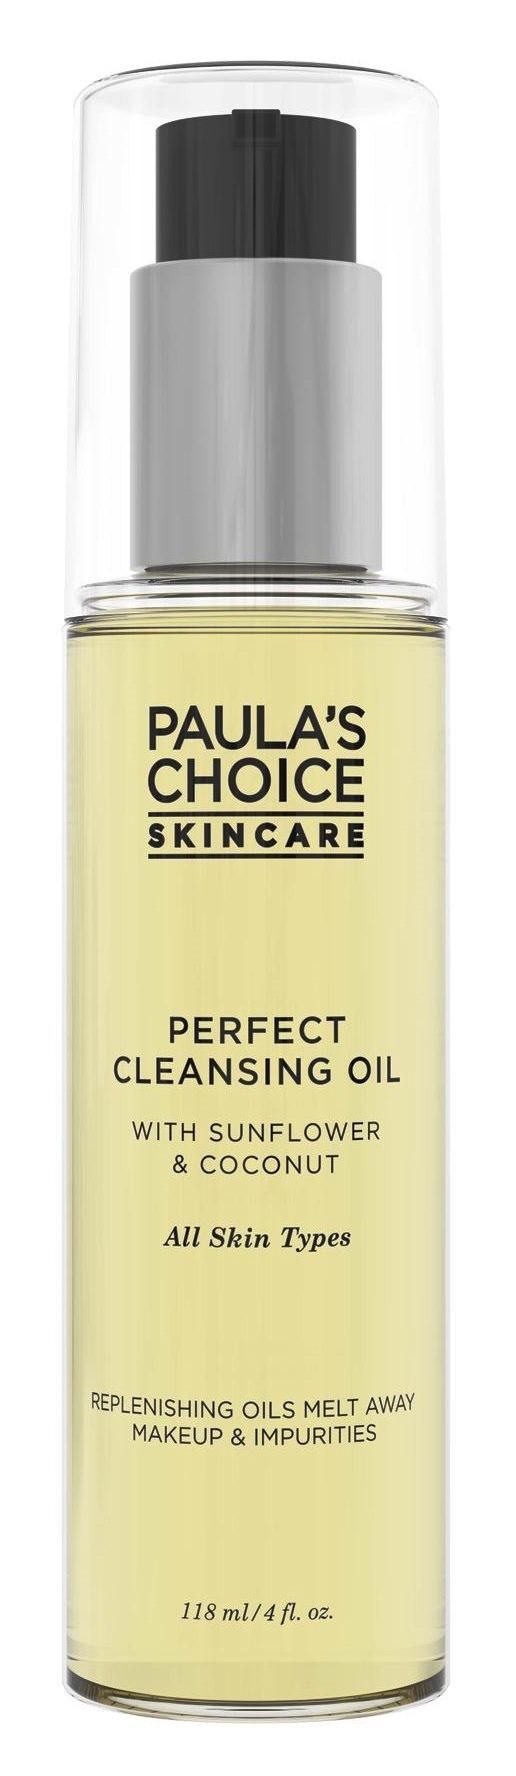 ลด 25 % PAULA'S CHOICE :: Perfect Cleansing Oil ออยล้างเครื่องสำอางสูตรกันน้ำ ด้วยน้ำมันจากธรรมชาติ 5 ชนิด พร้อมบำรุงผิวให้เนียนนุ่ม น่าสัมผัส